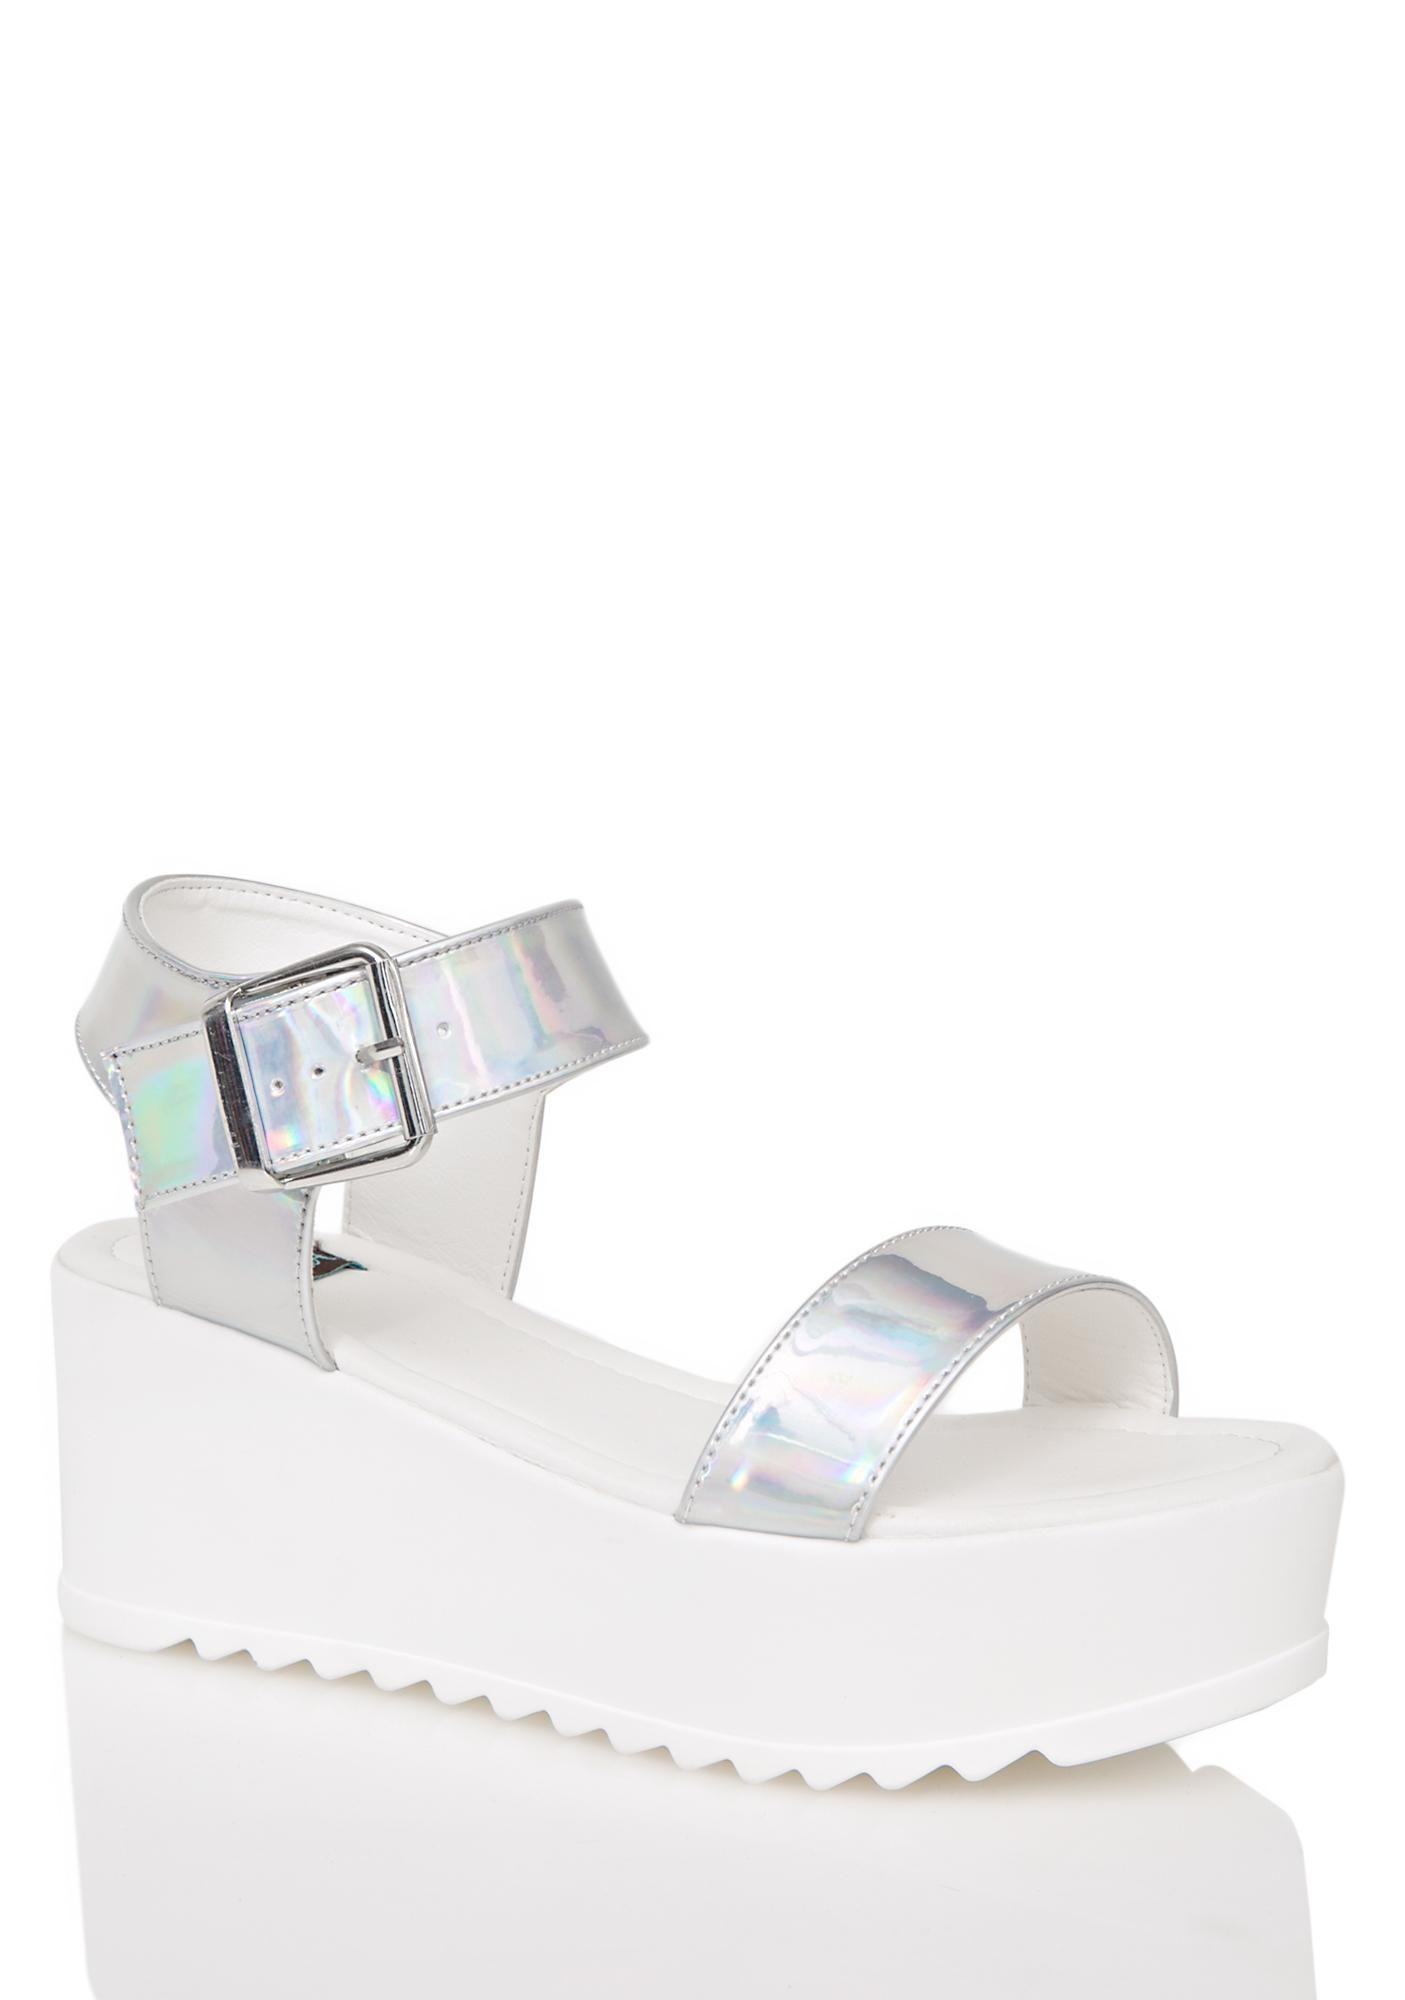 8074f1037c67 Hologram Sidney Platform Sandals Flats